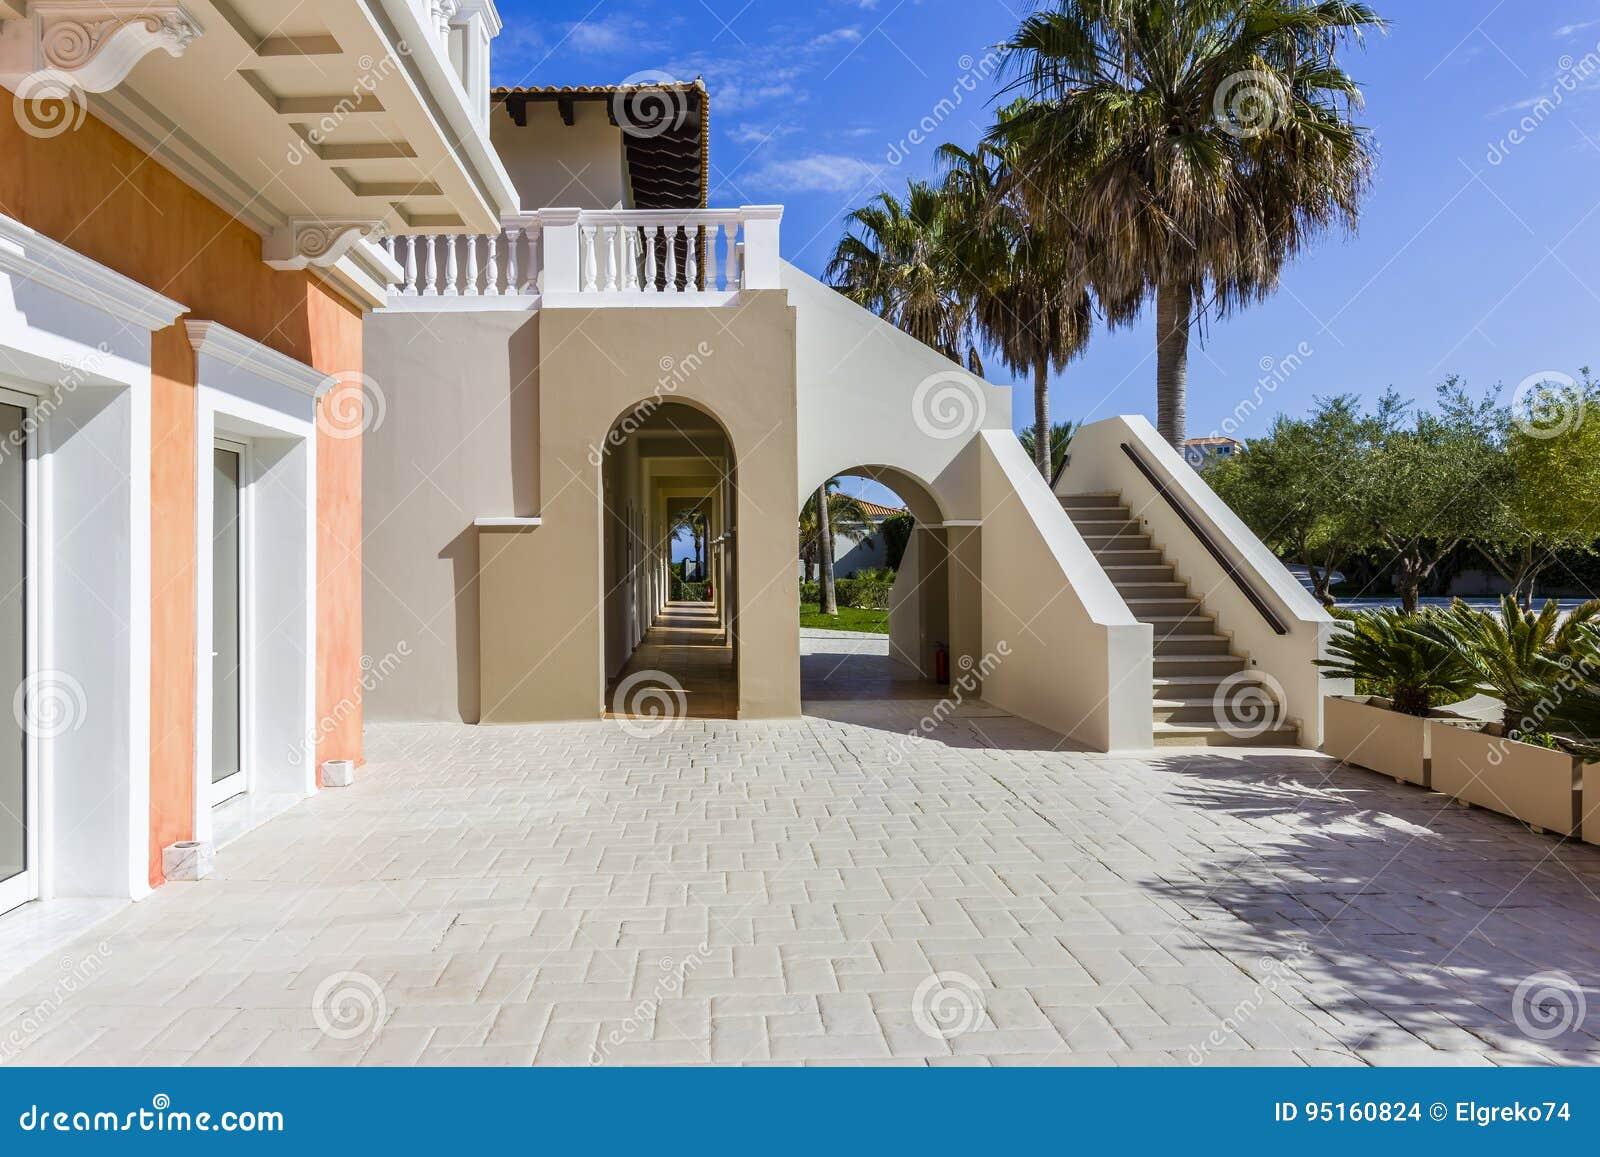 Fesselnde Hausfassade Modern Das Beste Von Pattern Traditionelle Griechische Fassade, Griechenland Stockfoto -